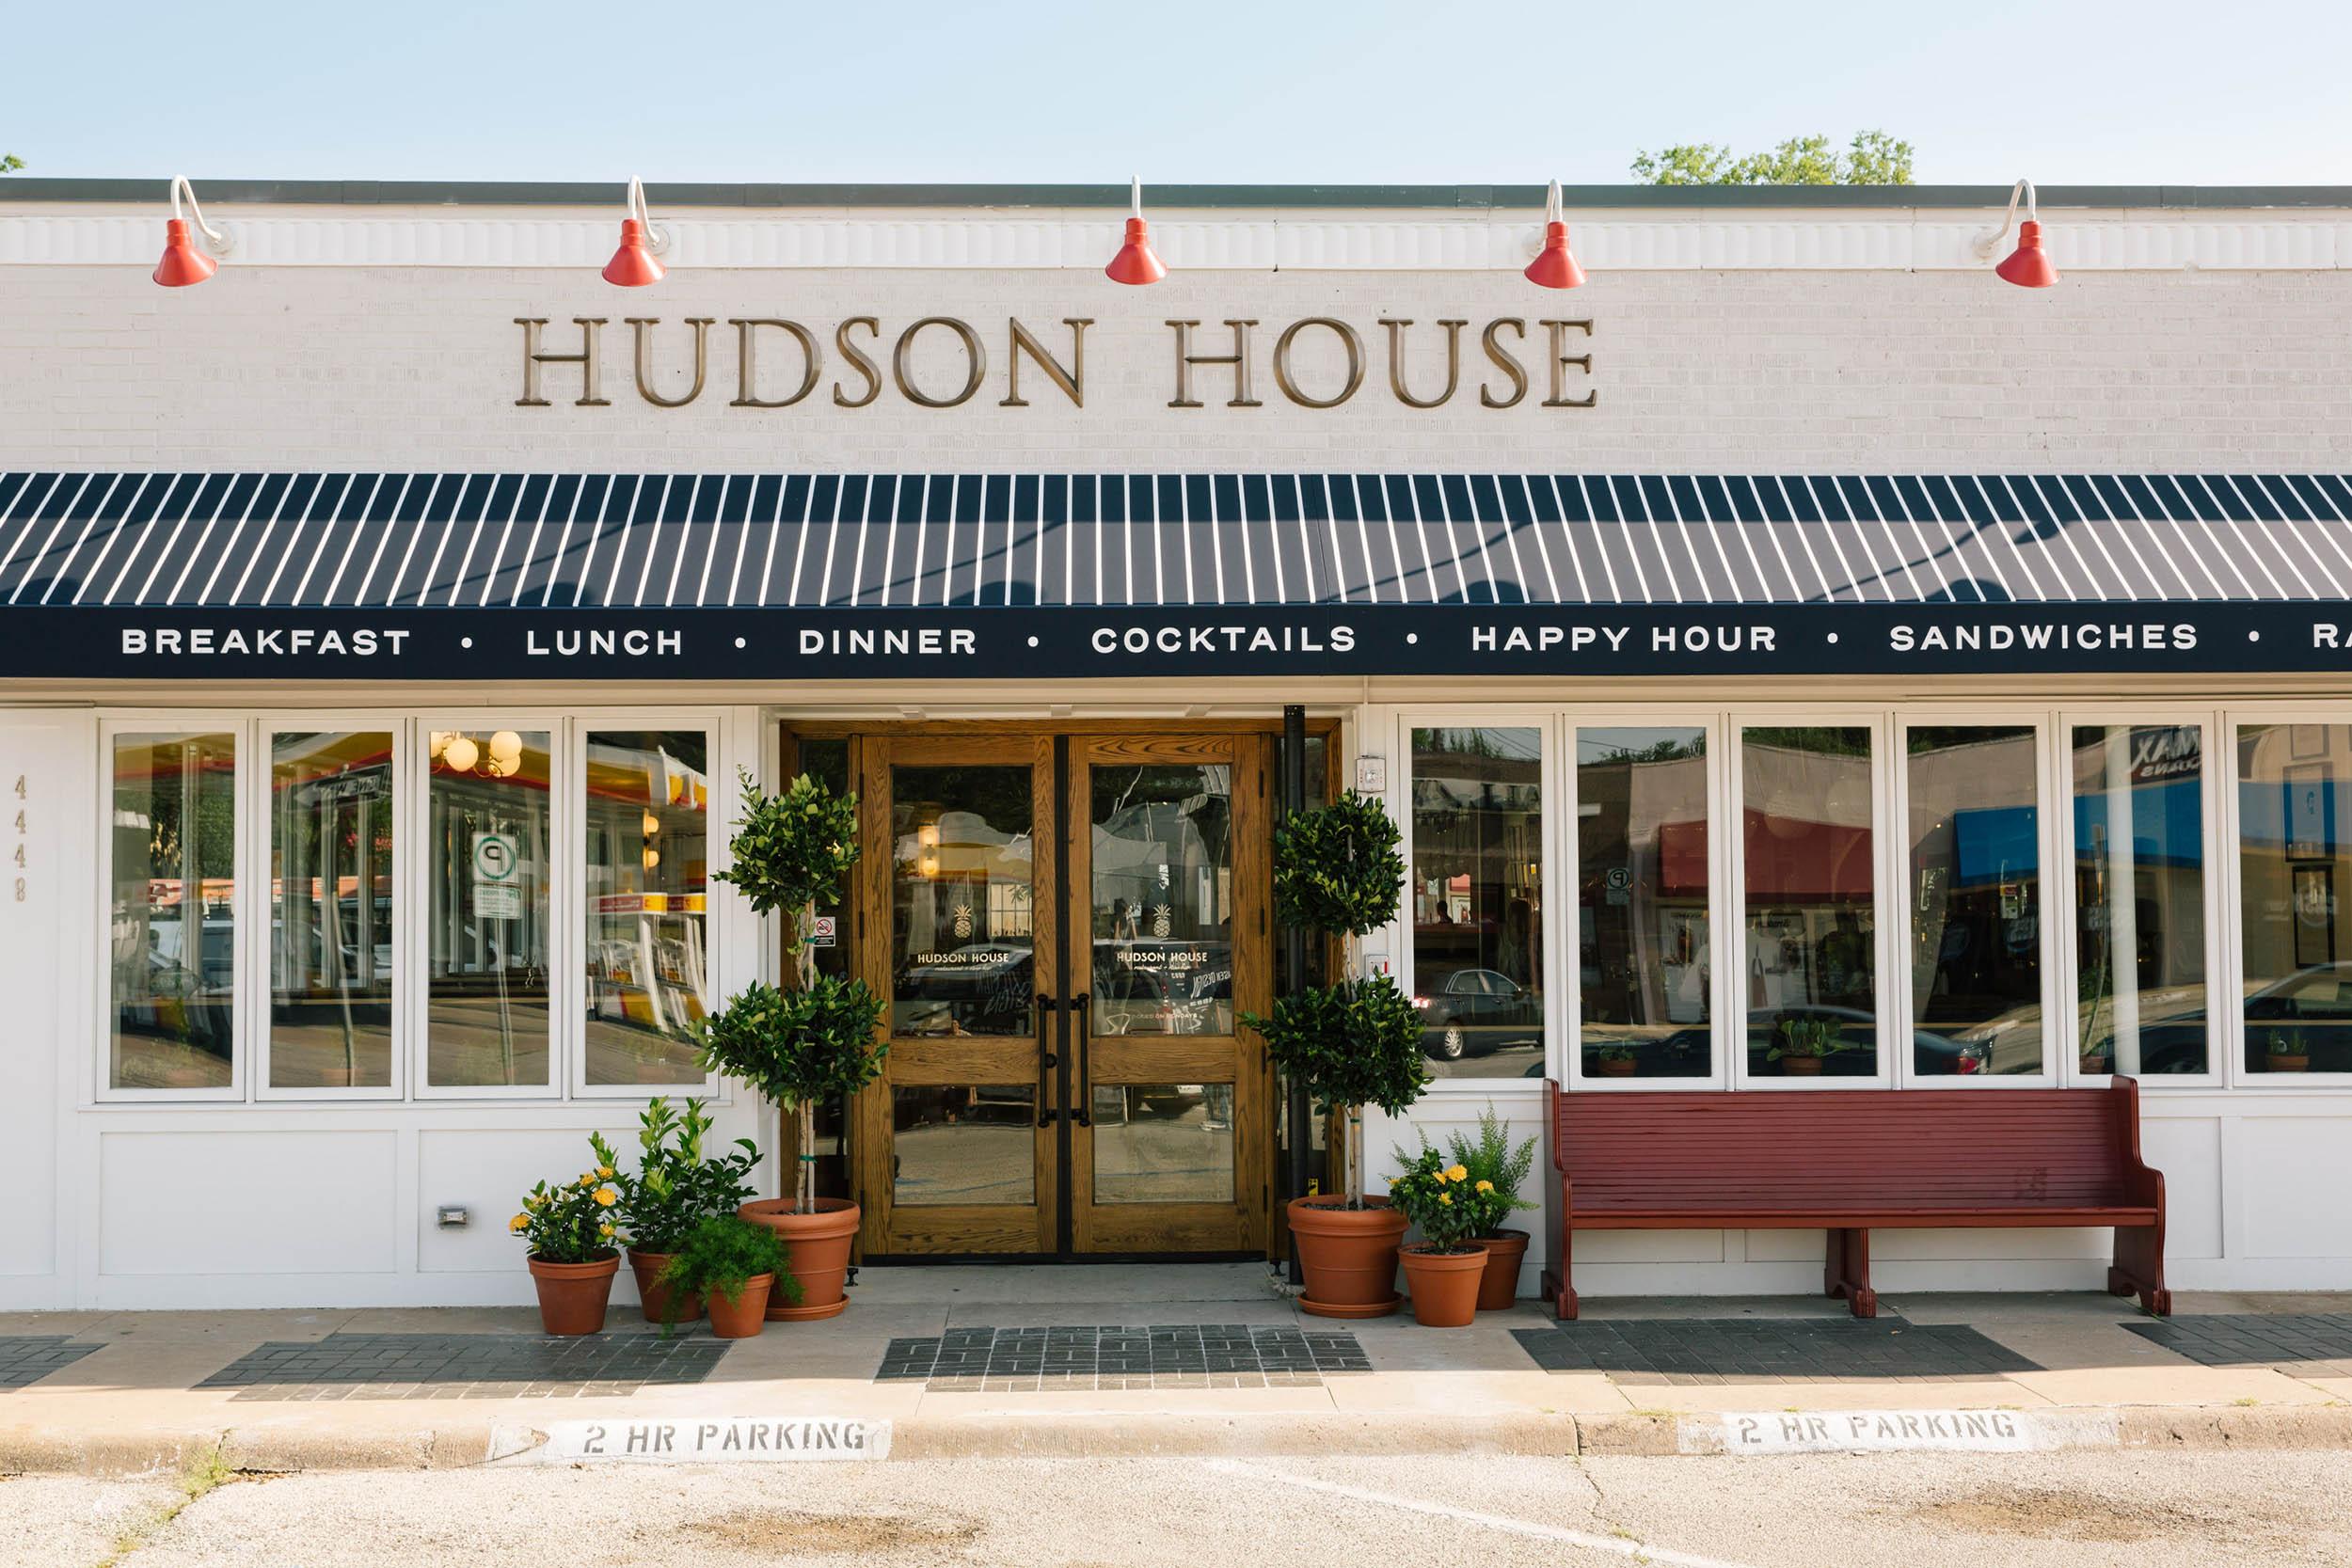 HudsonHouse_02.jpg